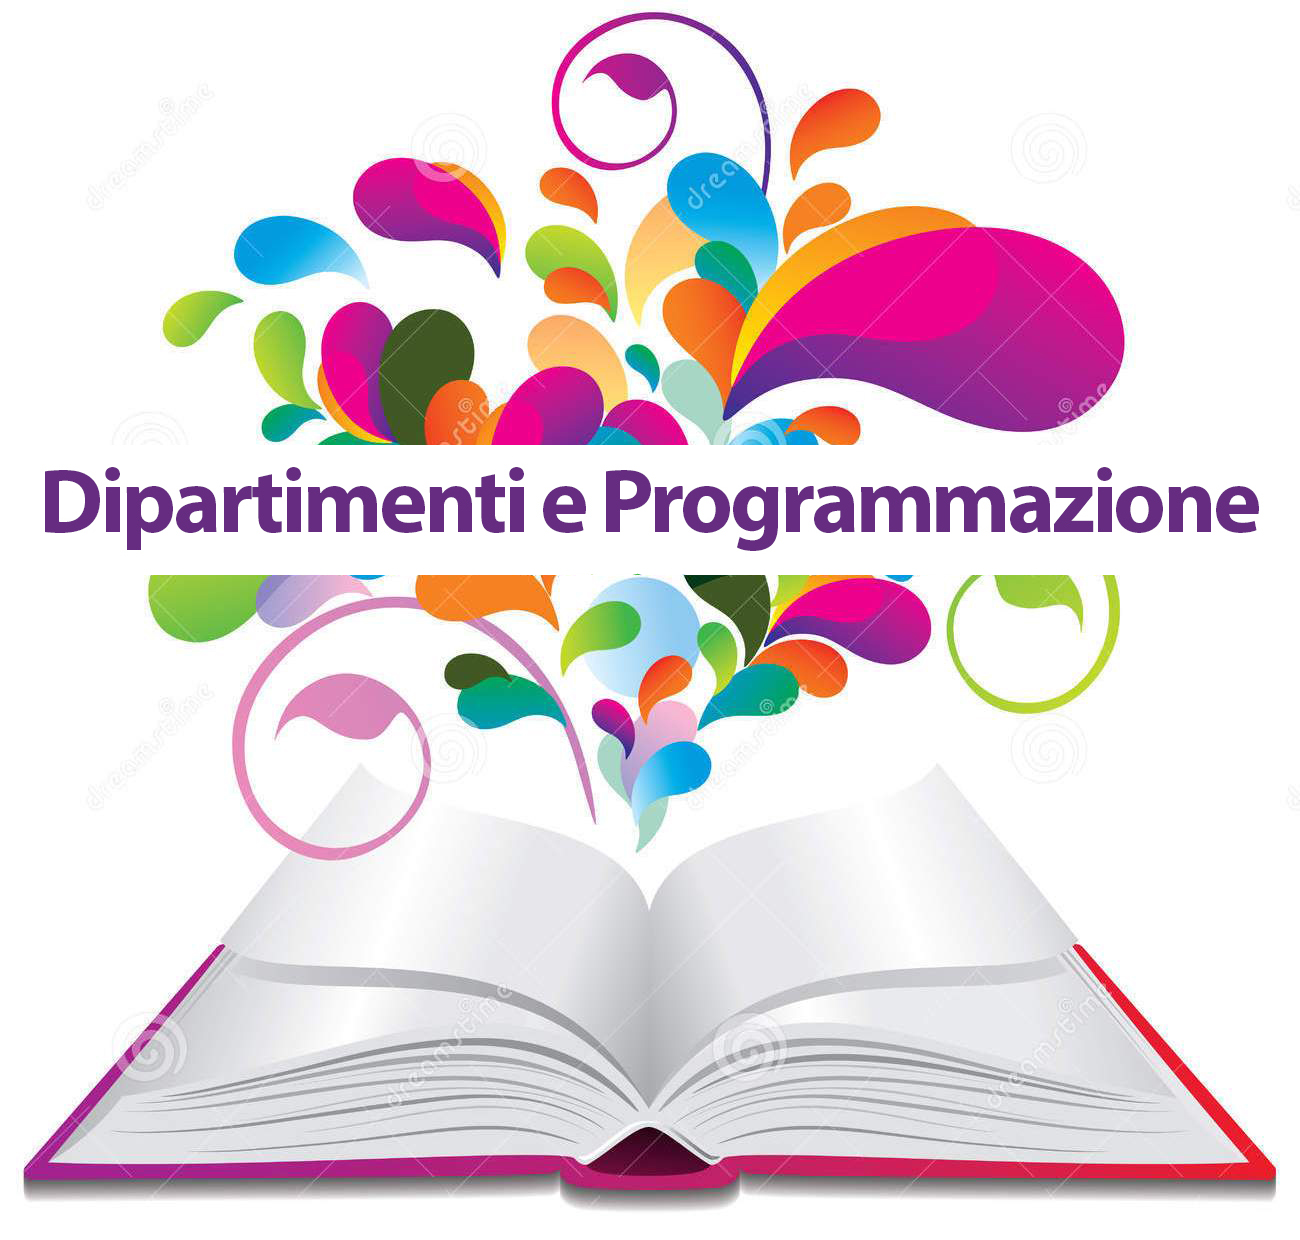 Dipartimenti e Programmazioni 2015 - 2016